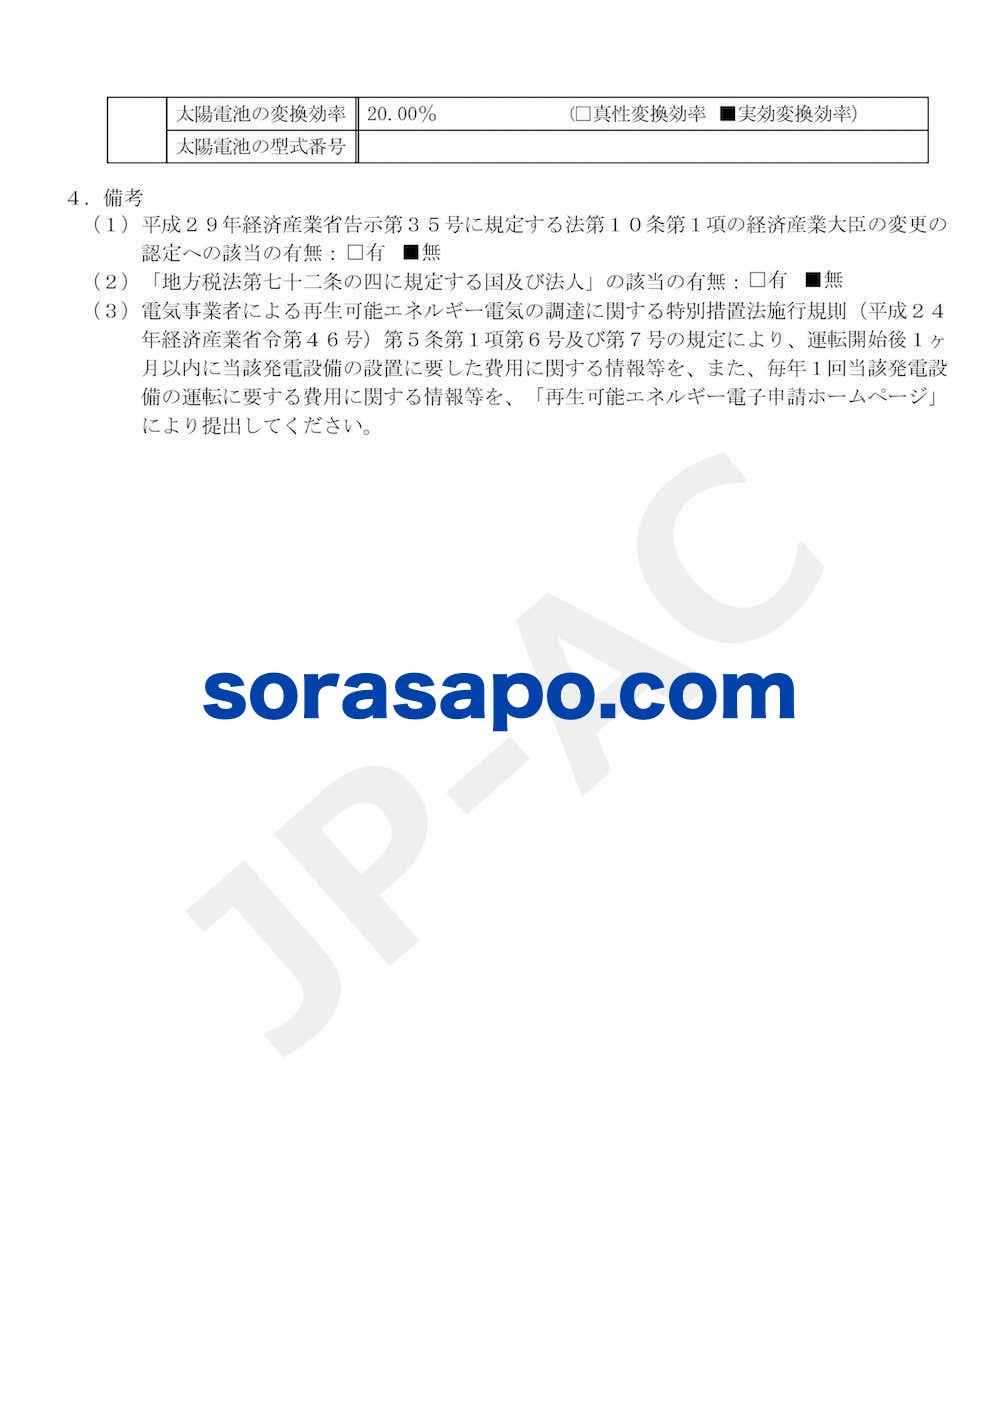 変更認定通知書のサンプル2ページ目